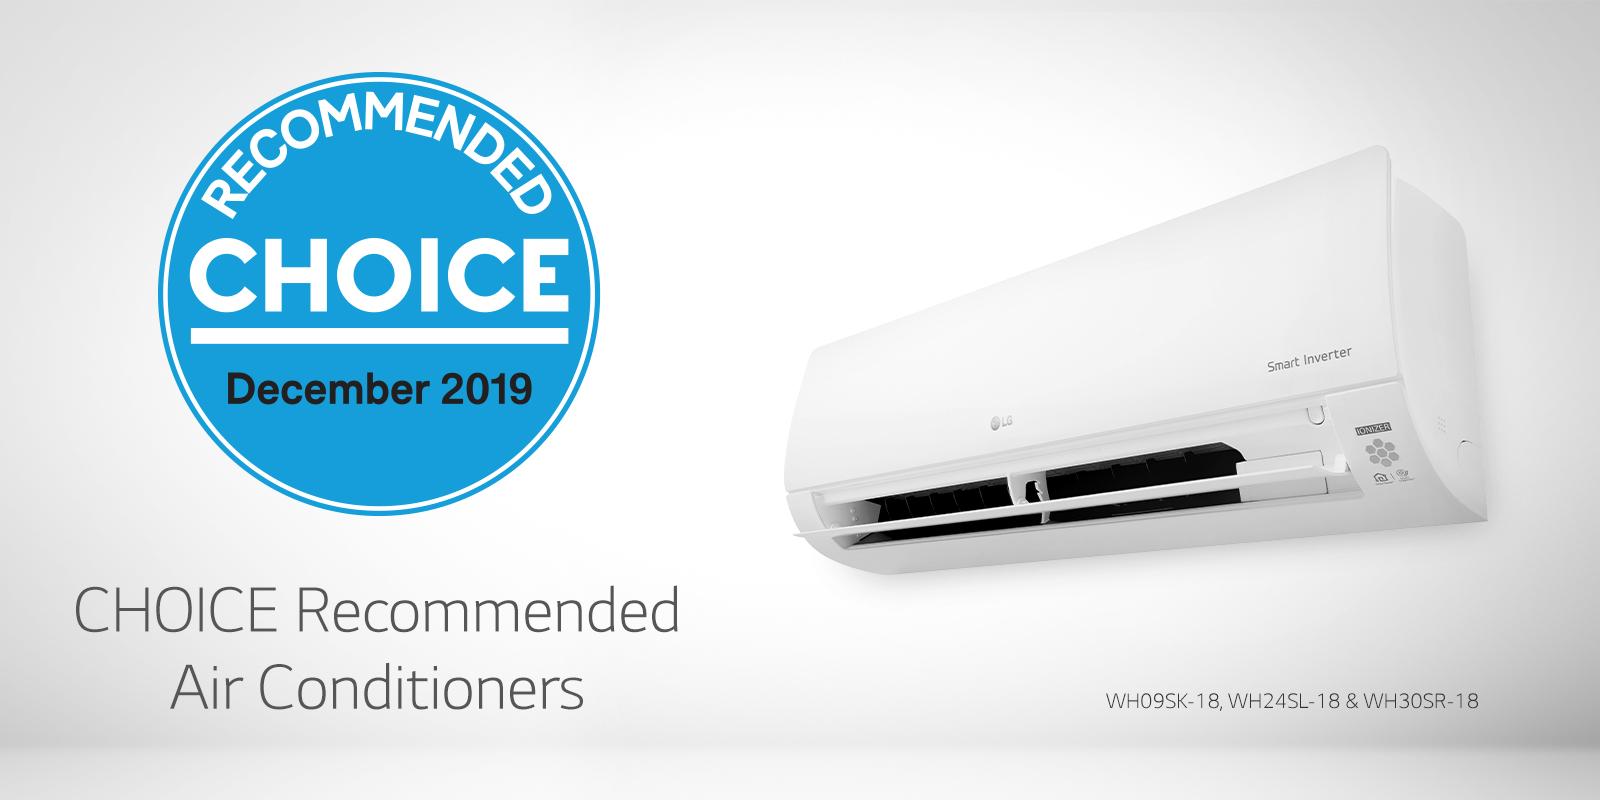 LG air conditioning choice award